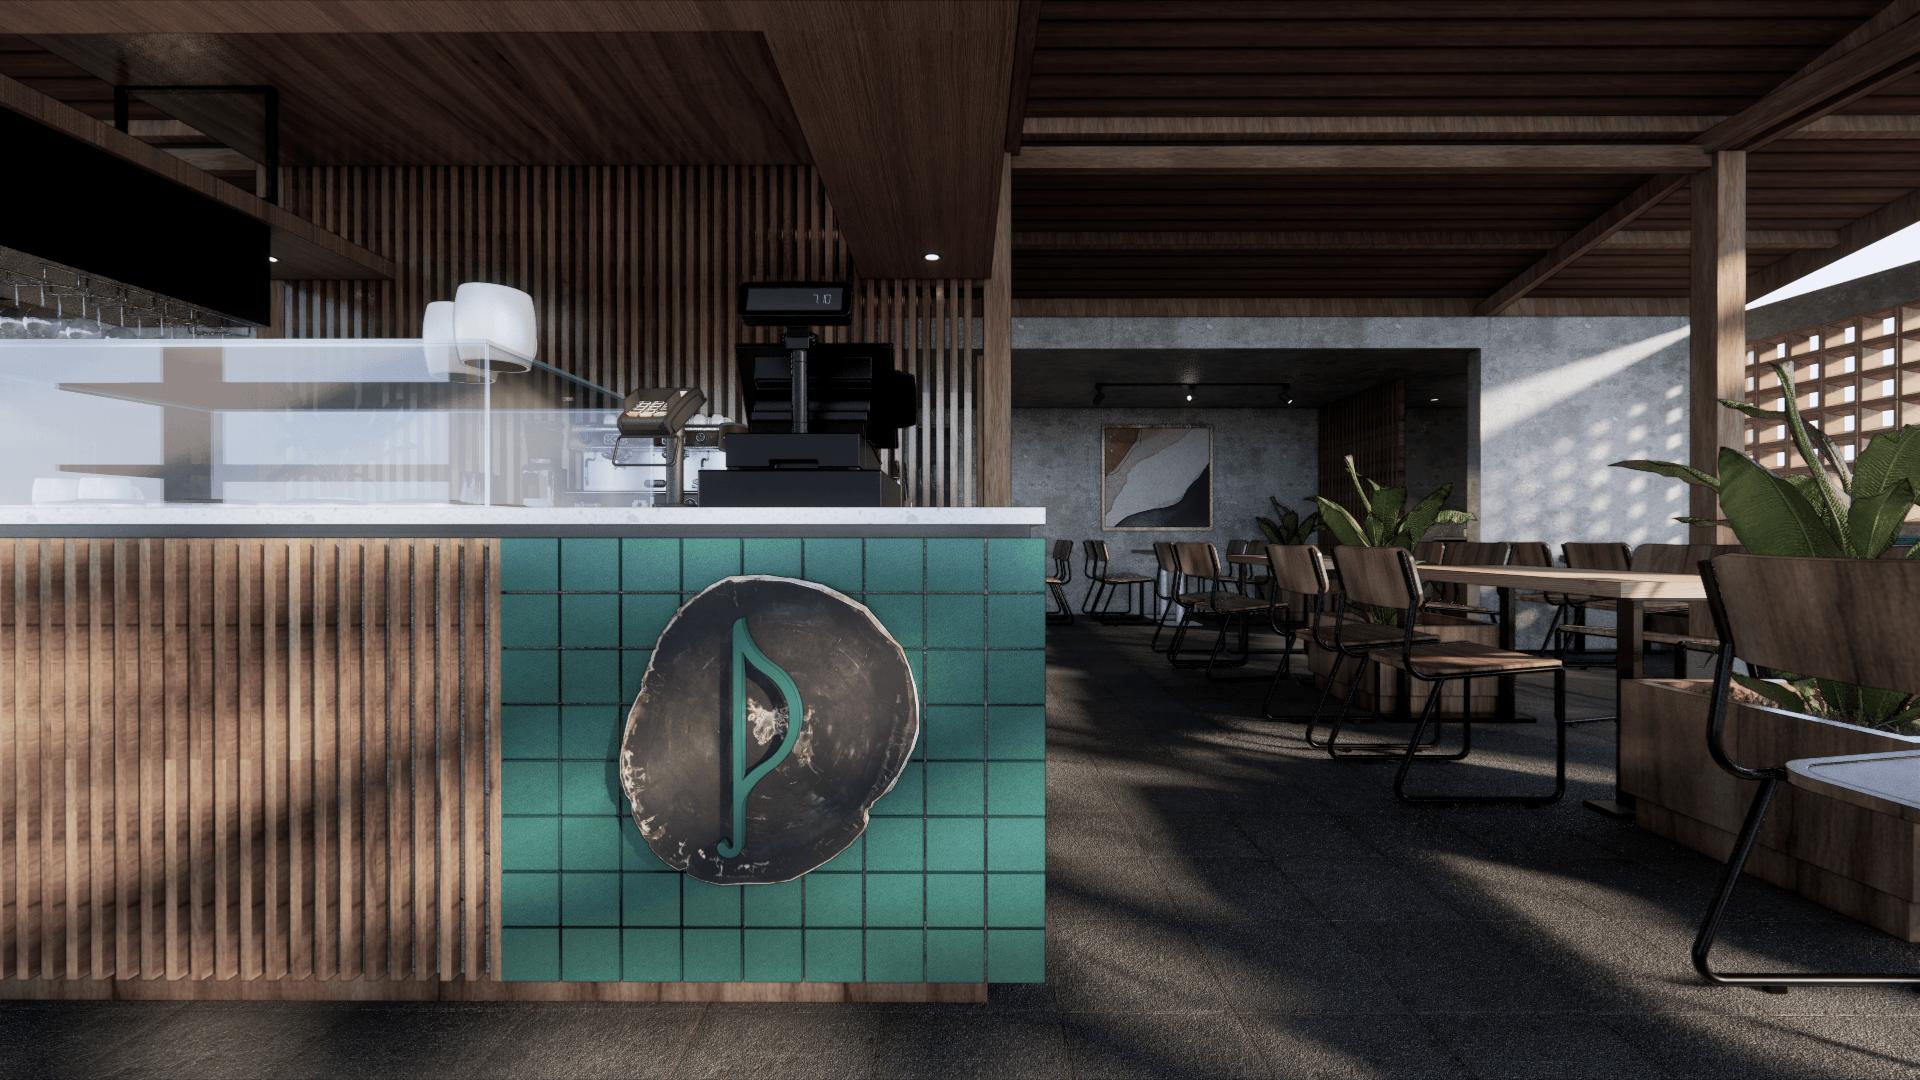 Square Meter Design Studio Plaga Eco Park Plaga, Pelaga, Petang, Kabupaten Badung, Bali, Indonesia Plaga, Pelaga, Petang, Kabupaten Badung, Bali, Indonesia Square-Meter-Design-Studio-Plaga-Eco-Park  126545